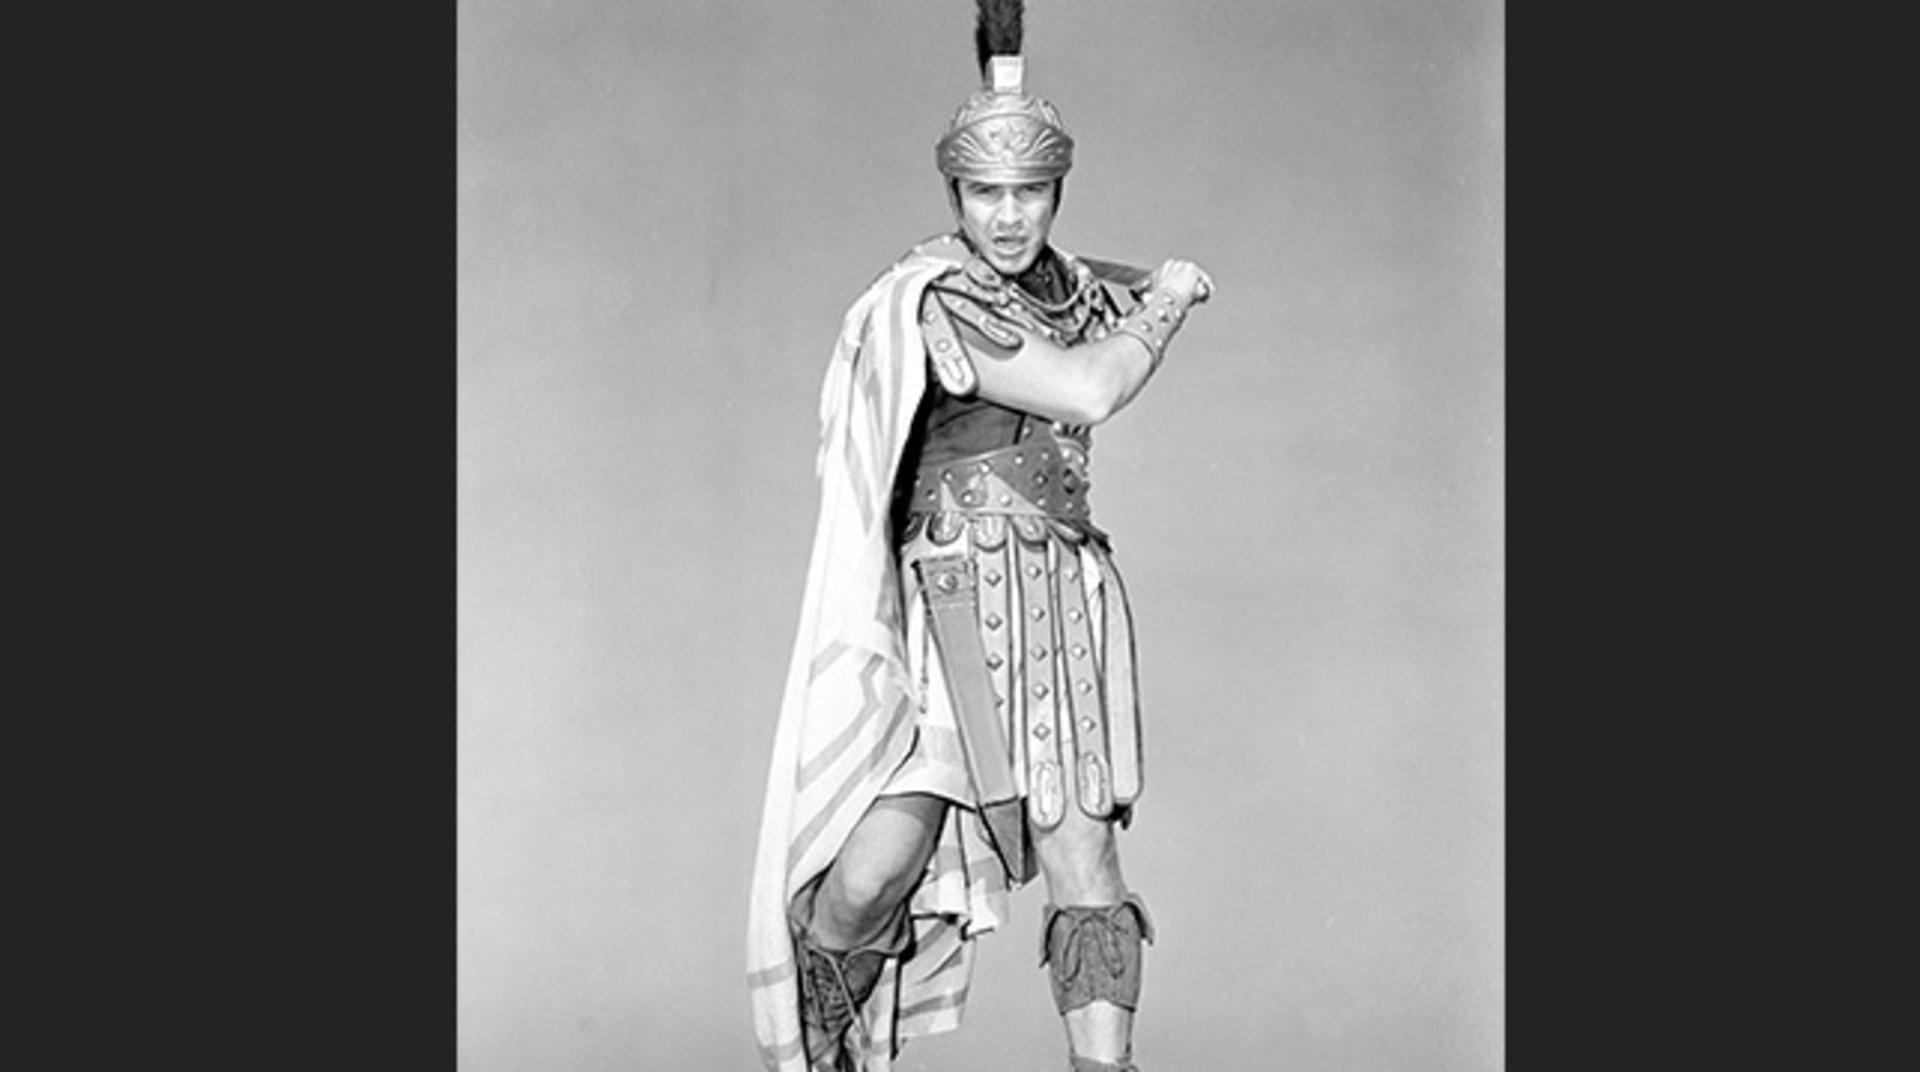 Julius Caesar - Image 13